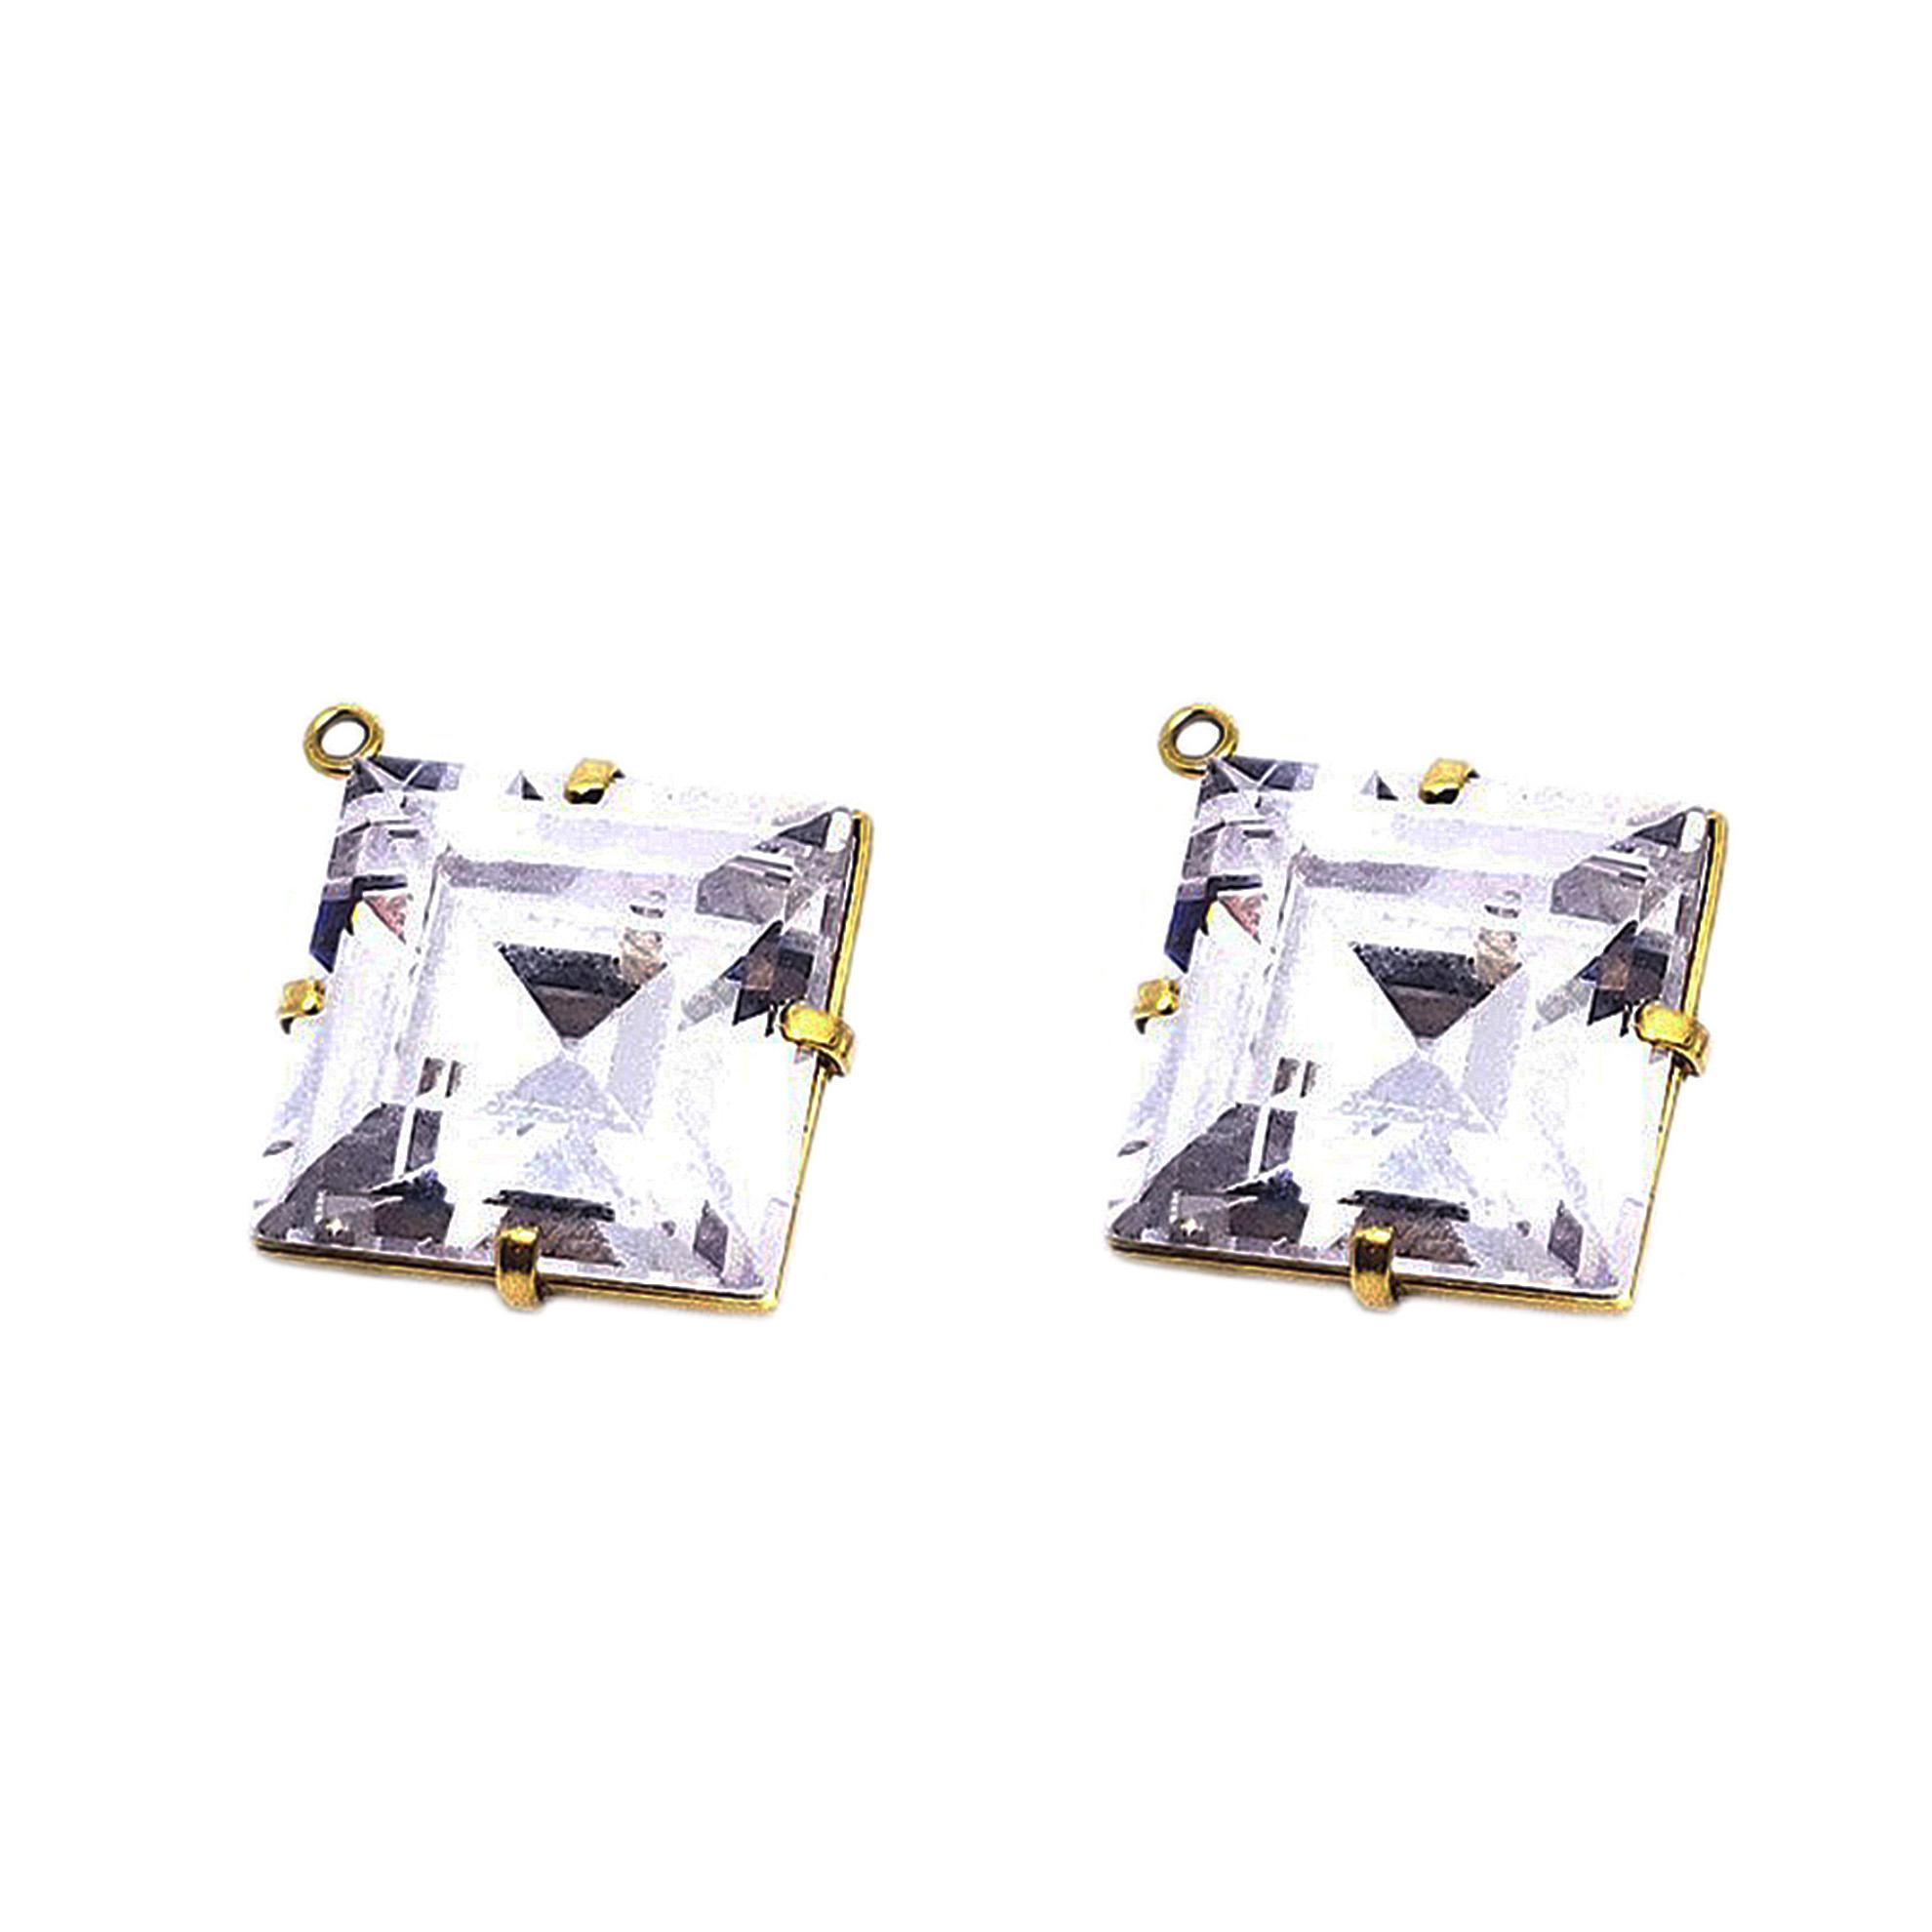 Par de Aplique Cristal Quadrado em Ouro 18 Kilates